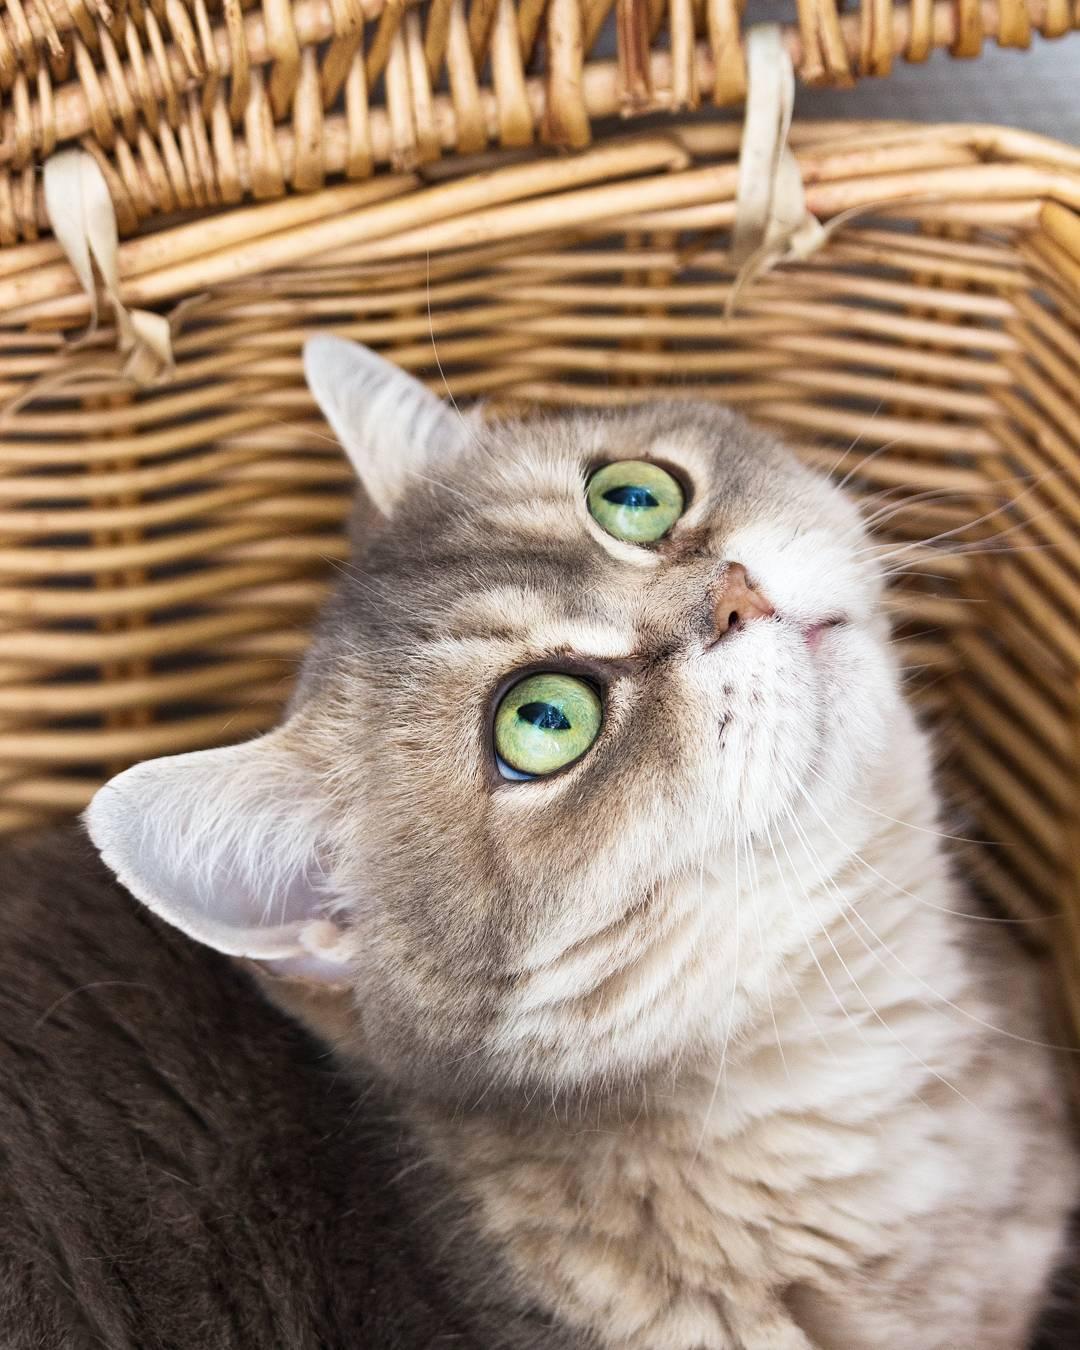 10x mijn favoriete kattenfoto's van Vlinder